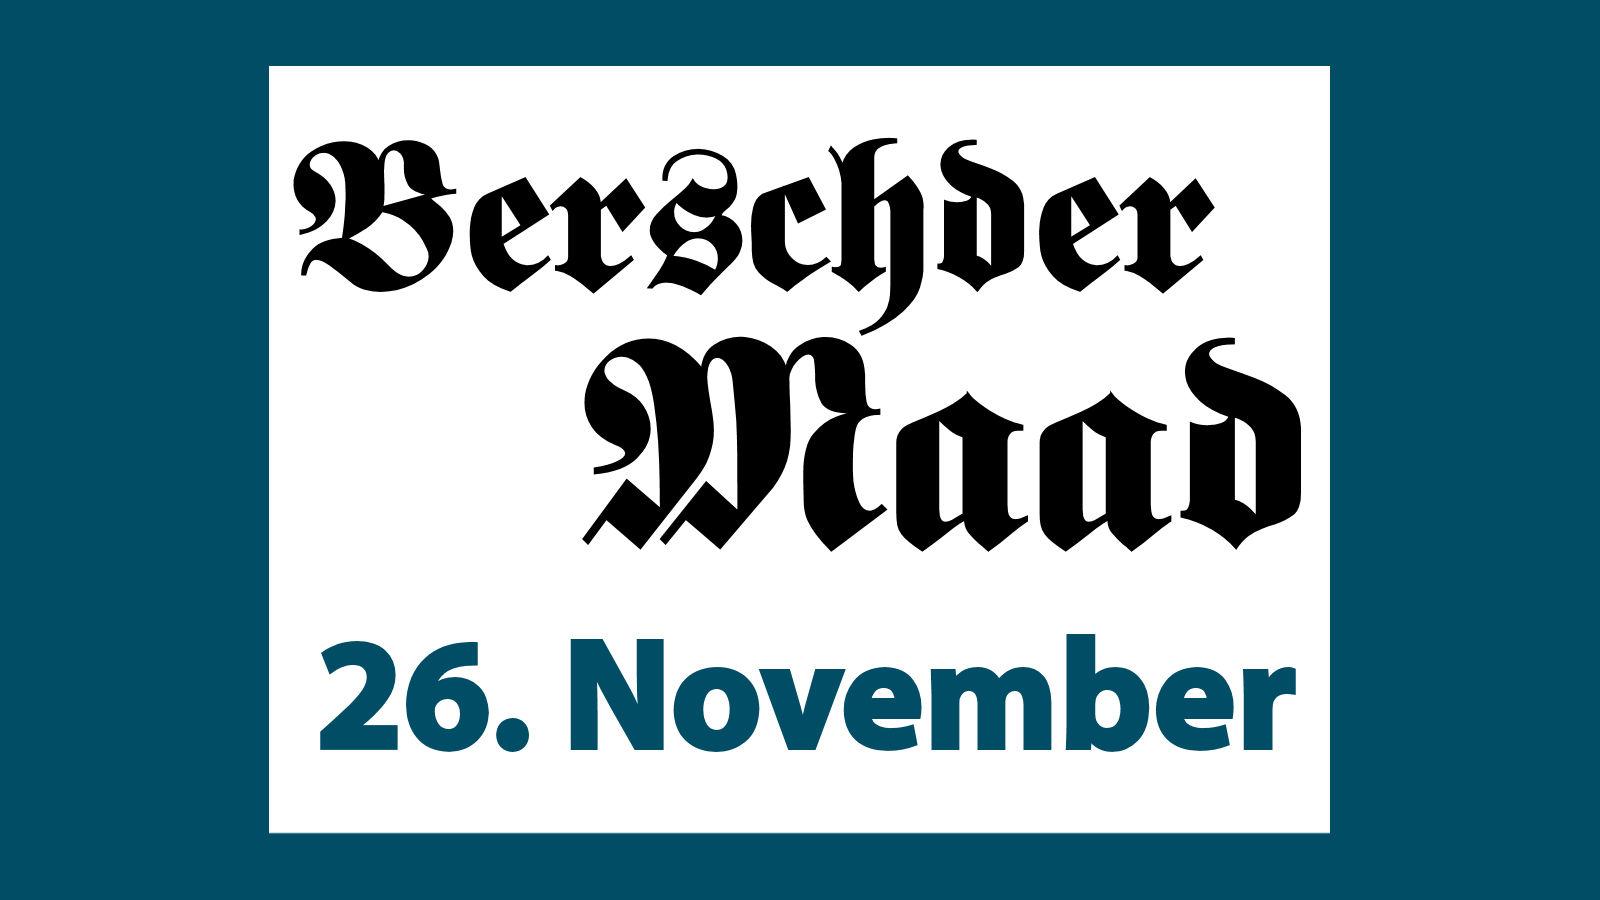 Berschder Maad